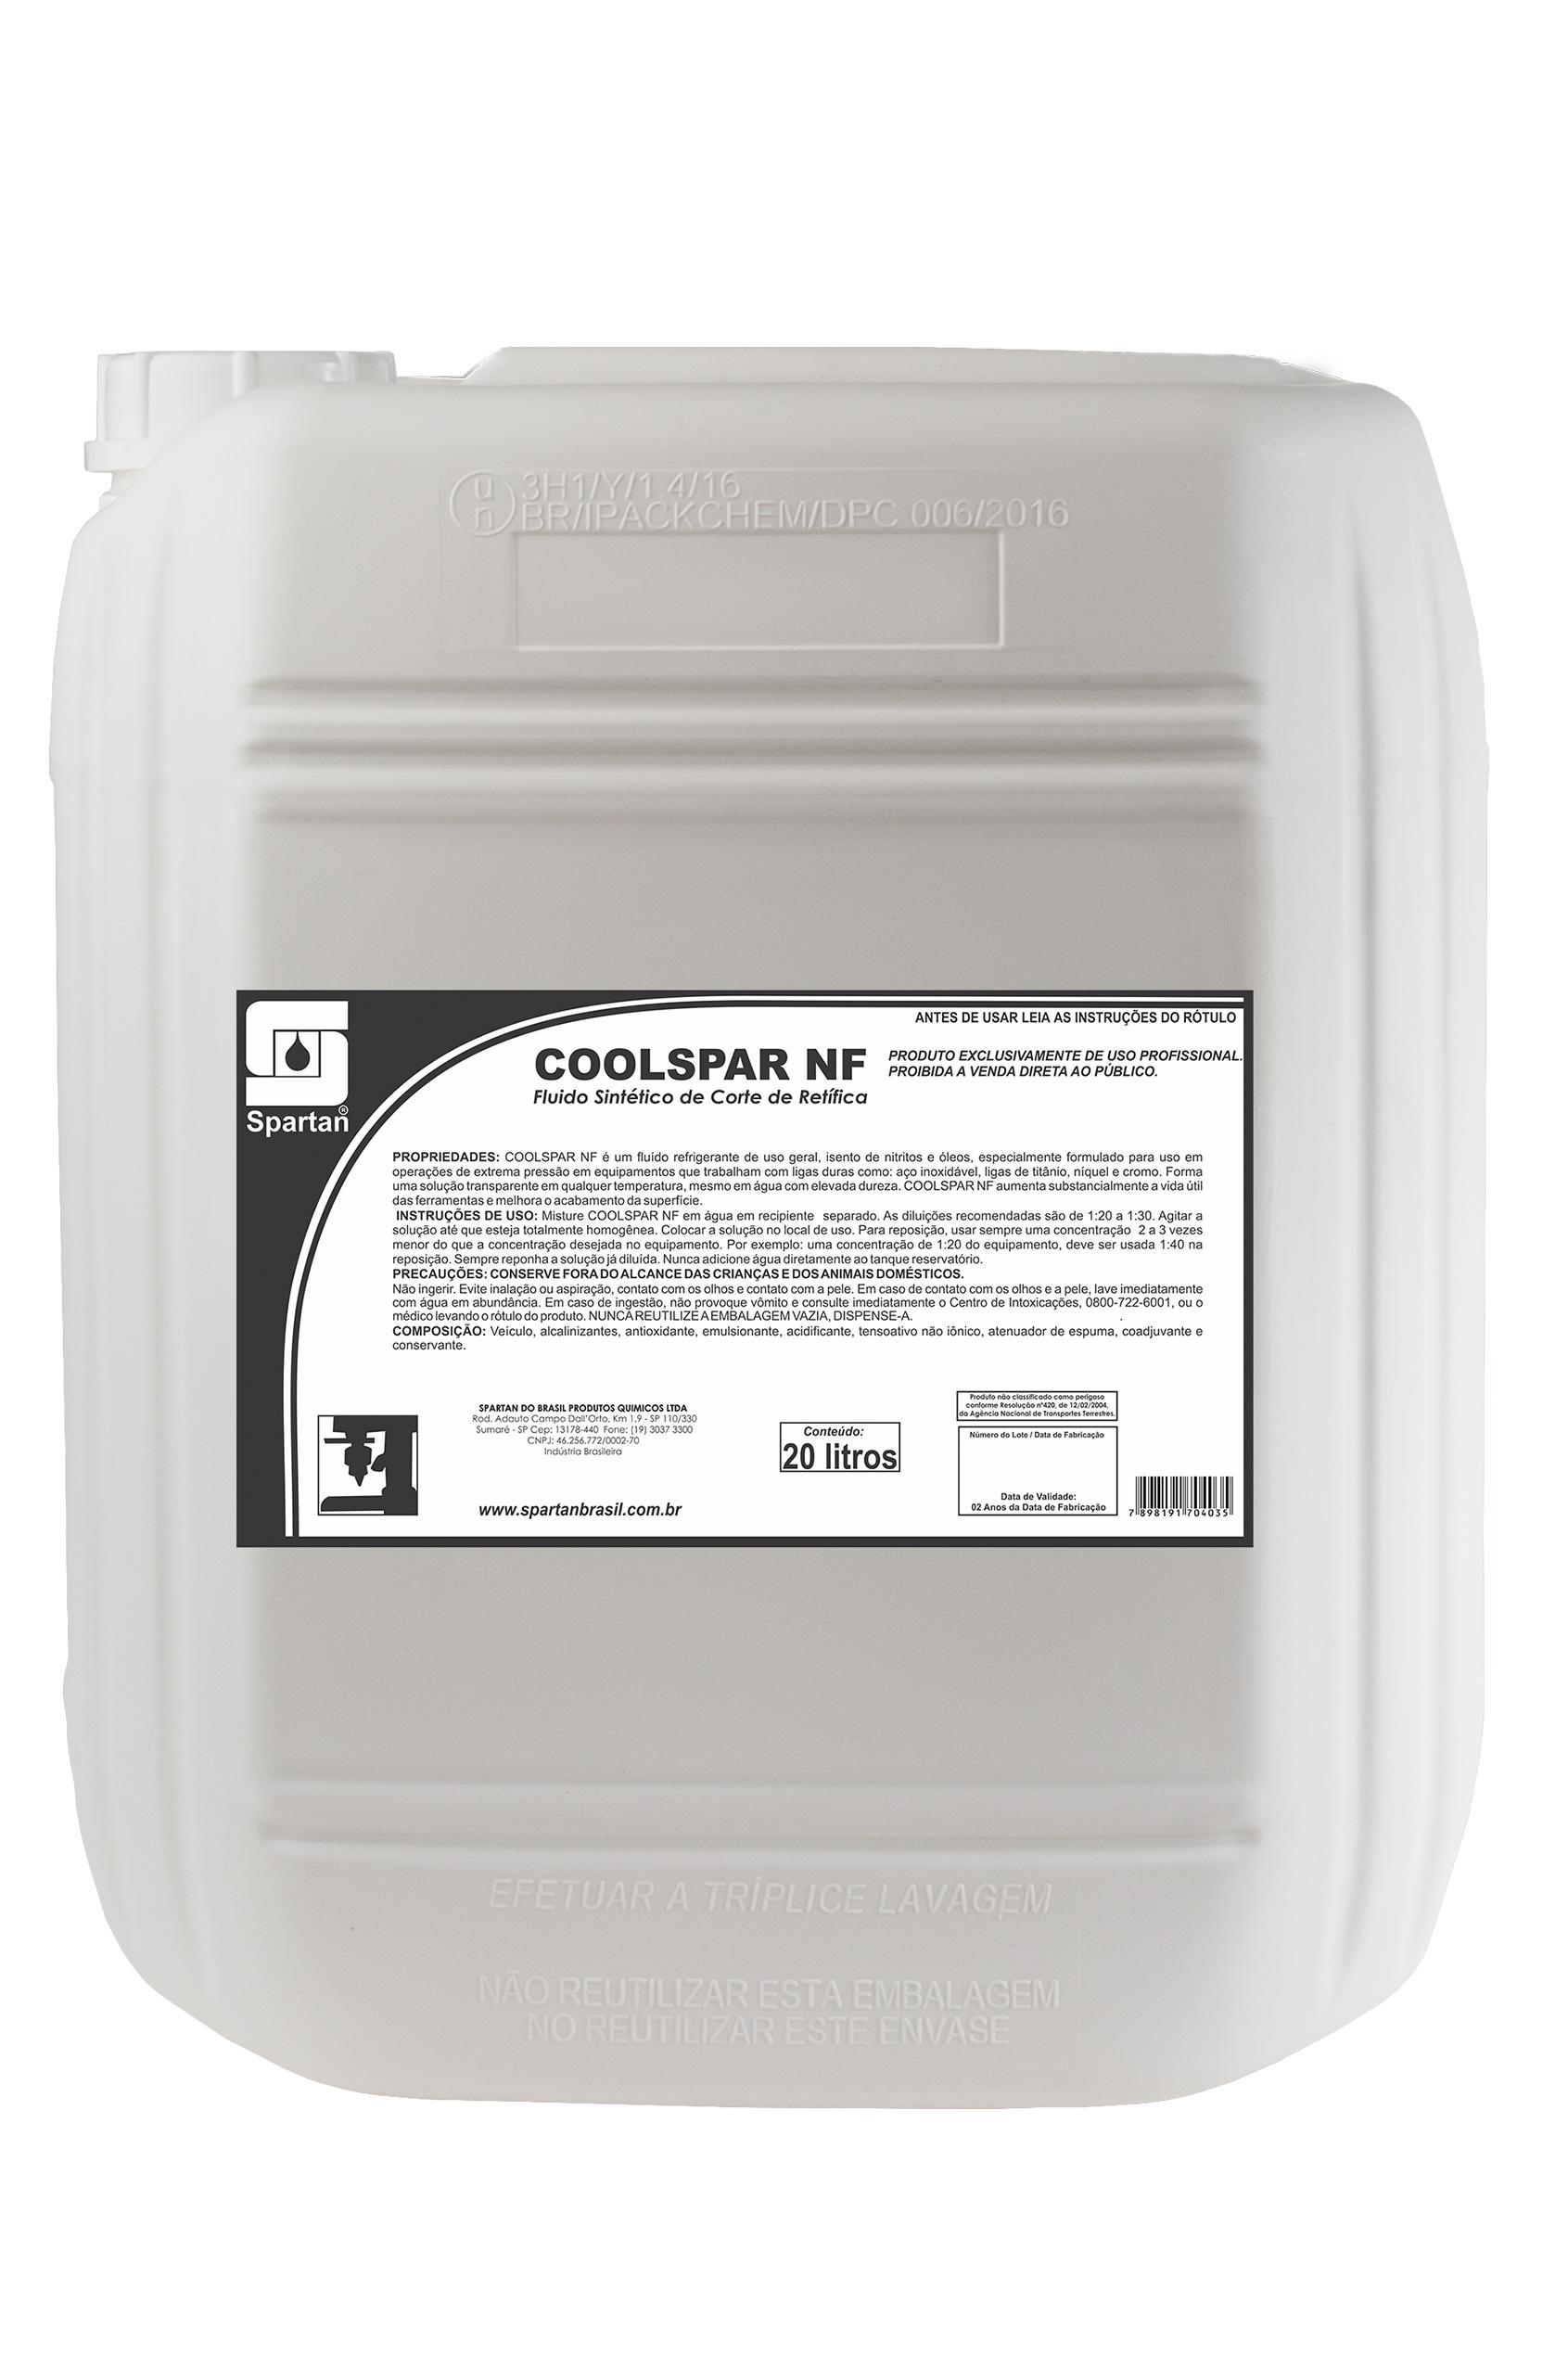 Imagem ilustrativa do produto: Coolspar NF